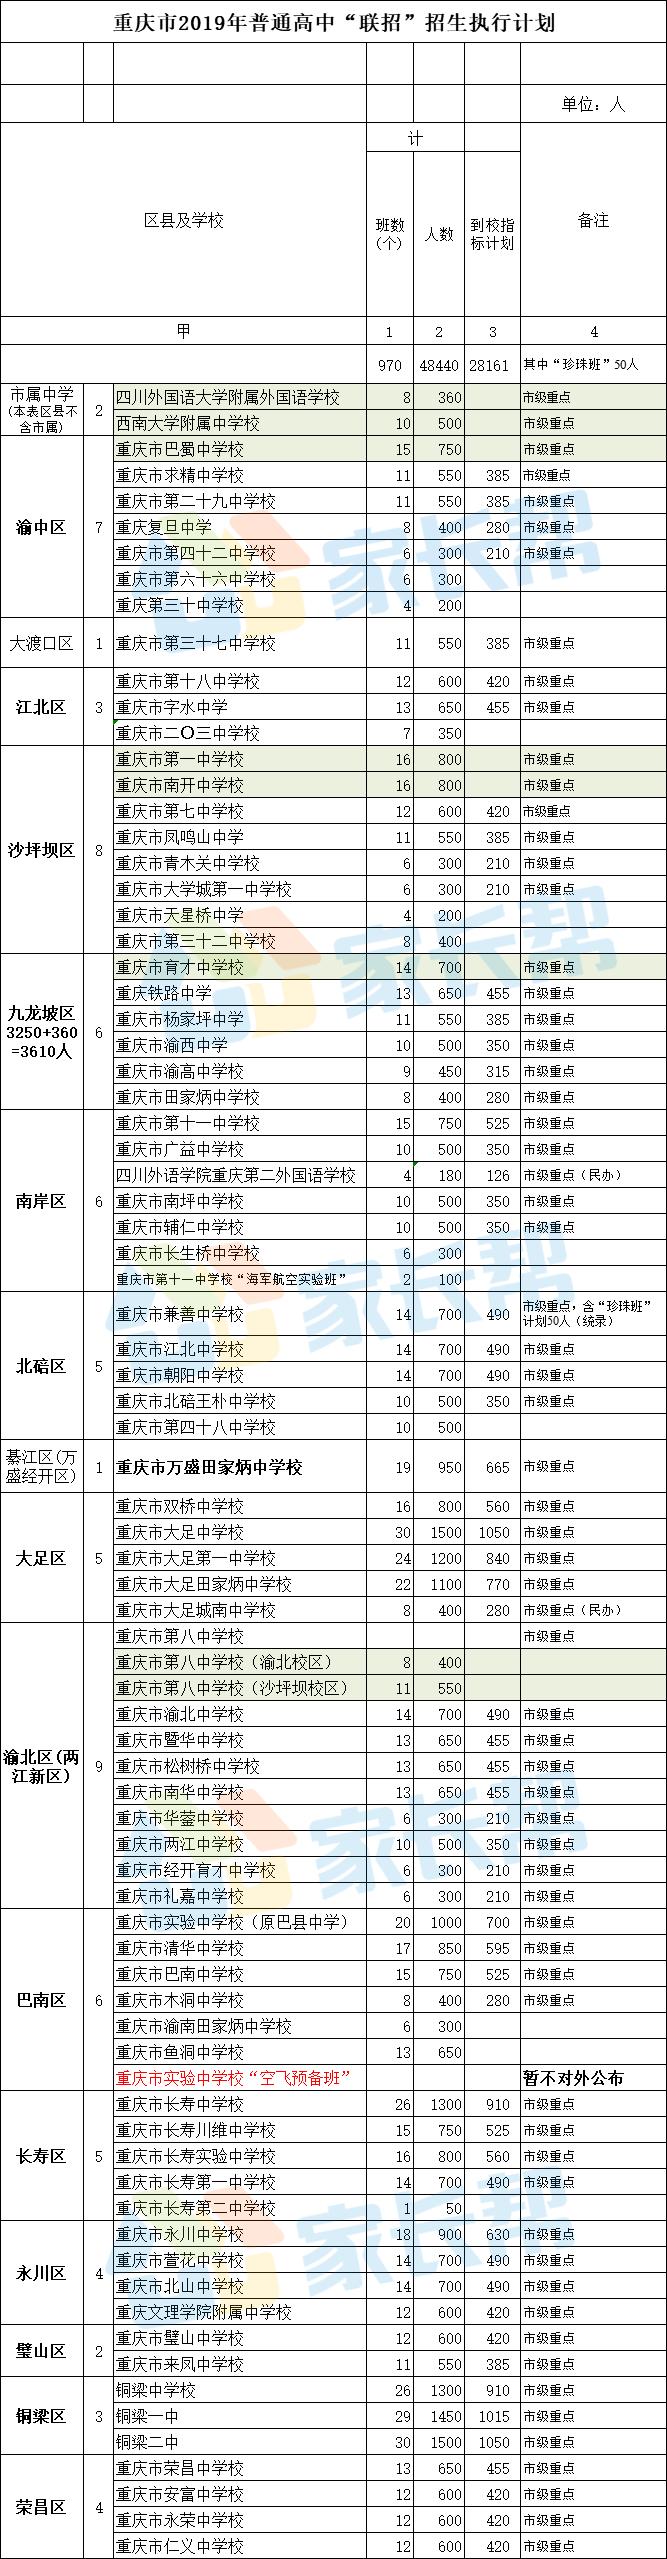 2019重庆中考联招招生计划